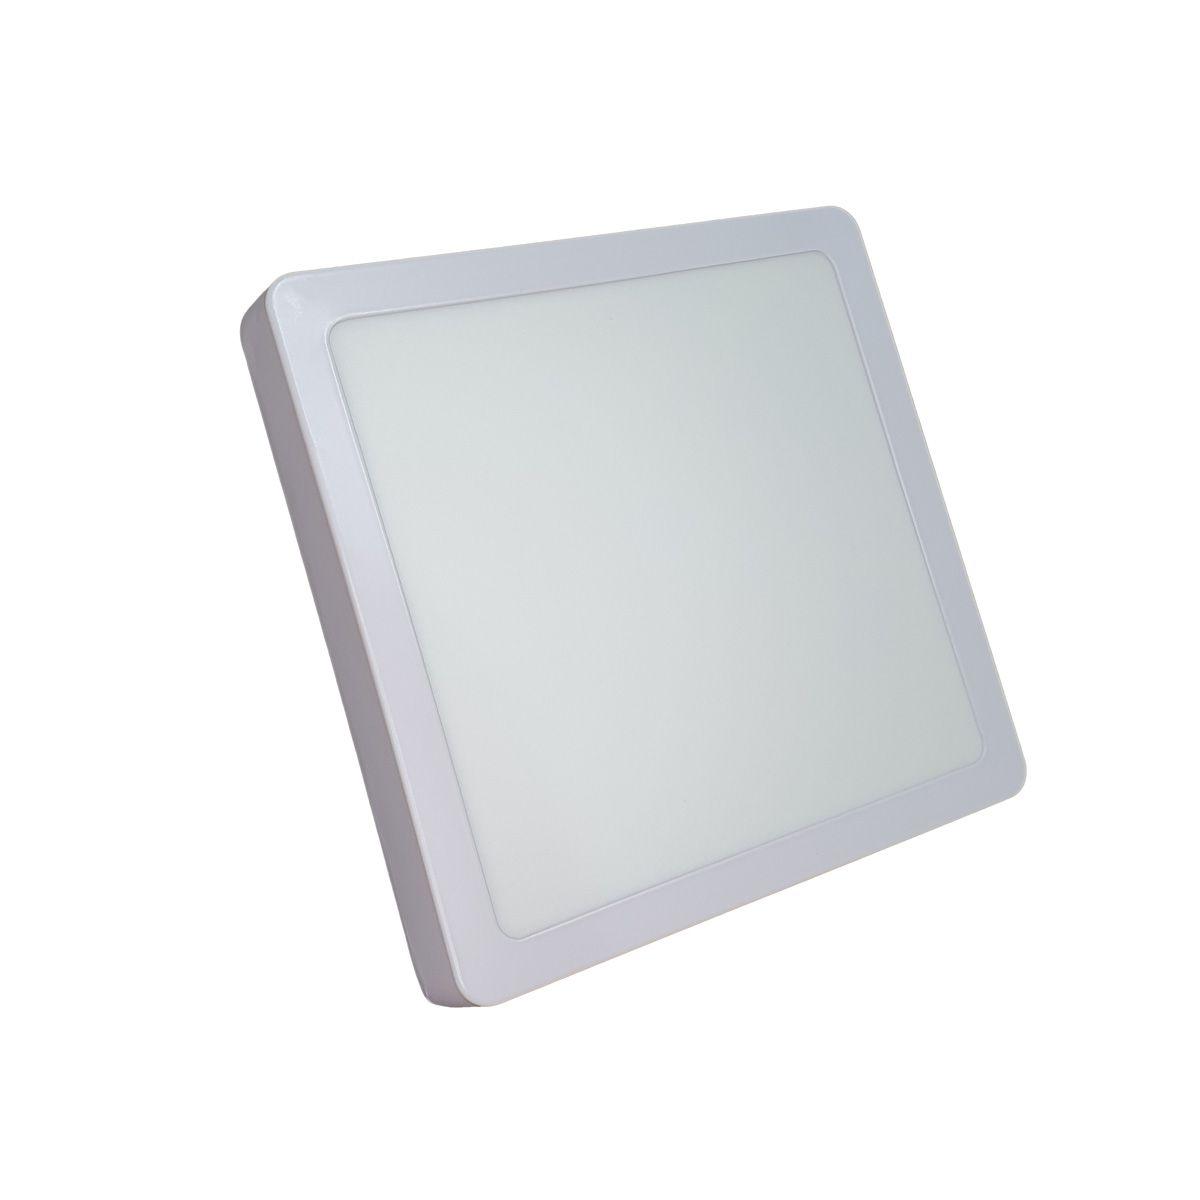 Luminária de LED sobrepor 18w Quadrada Luz Fria 6500K de Teto